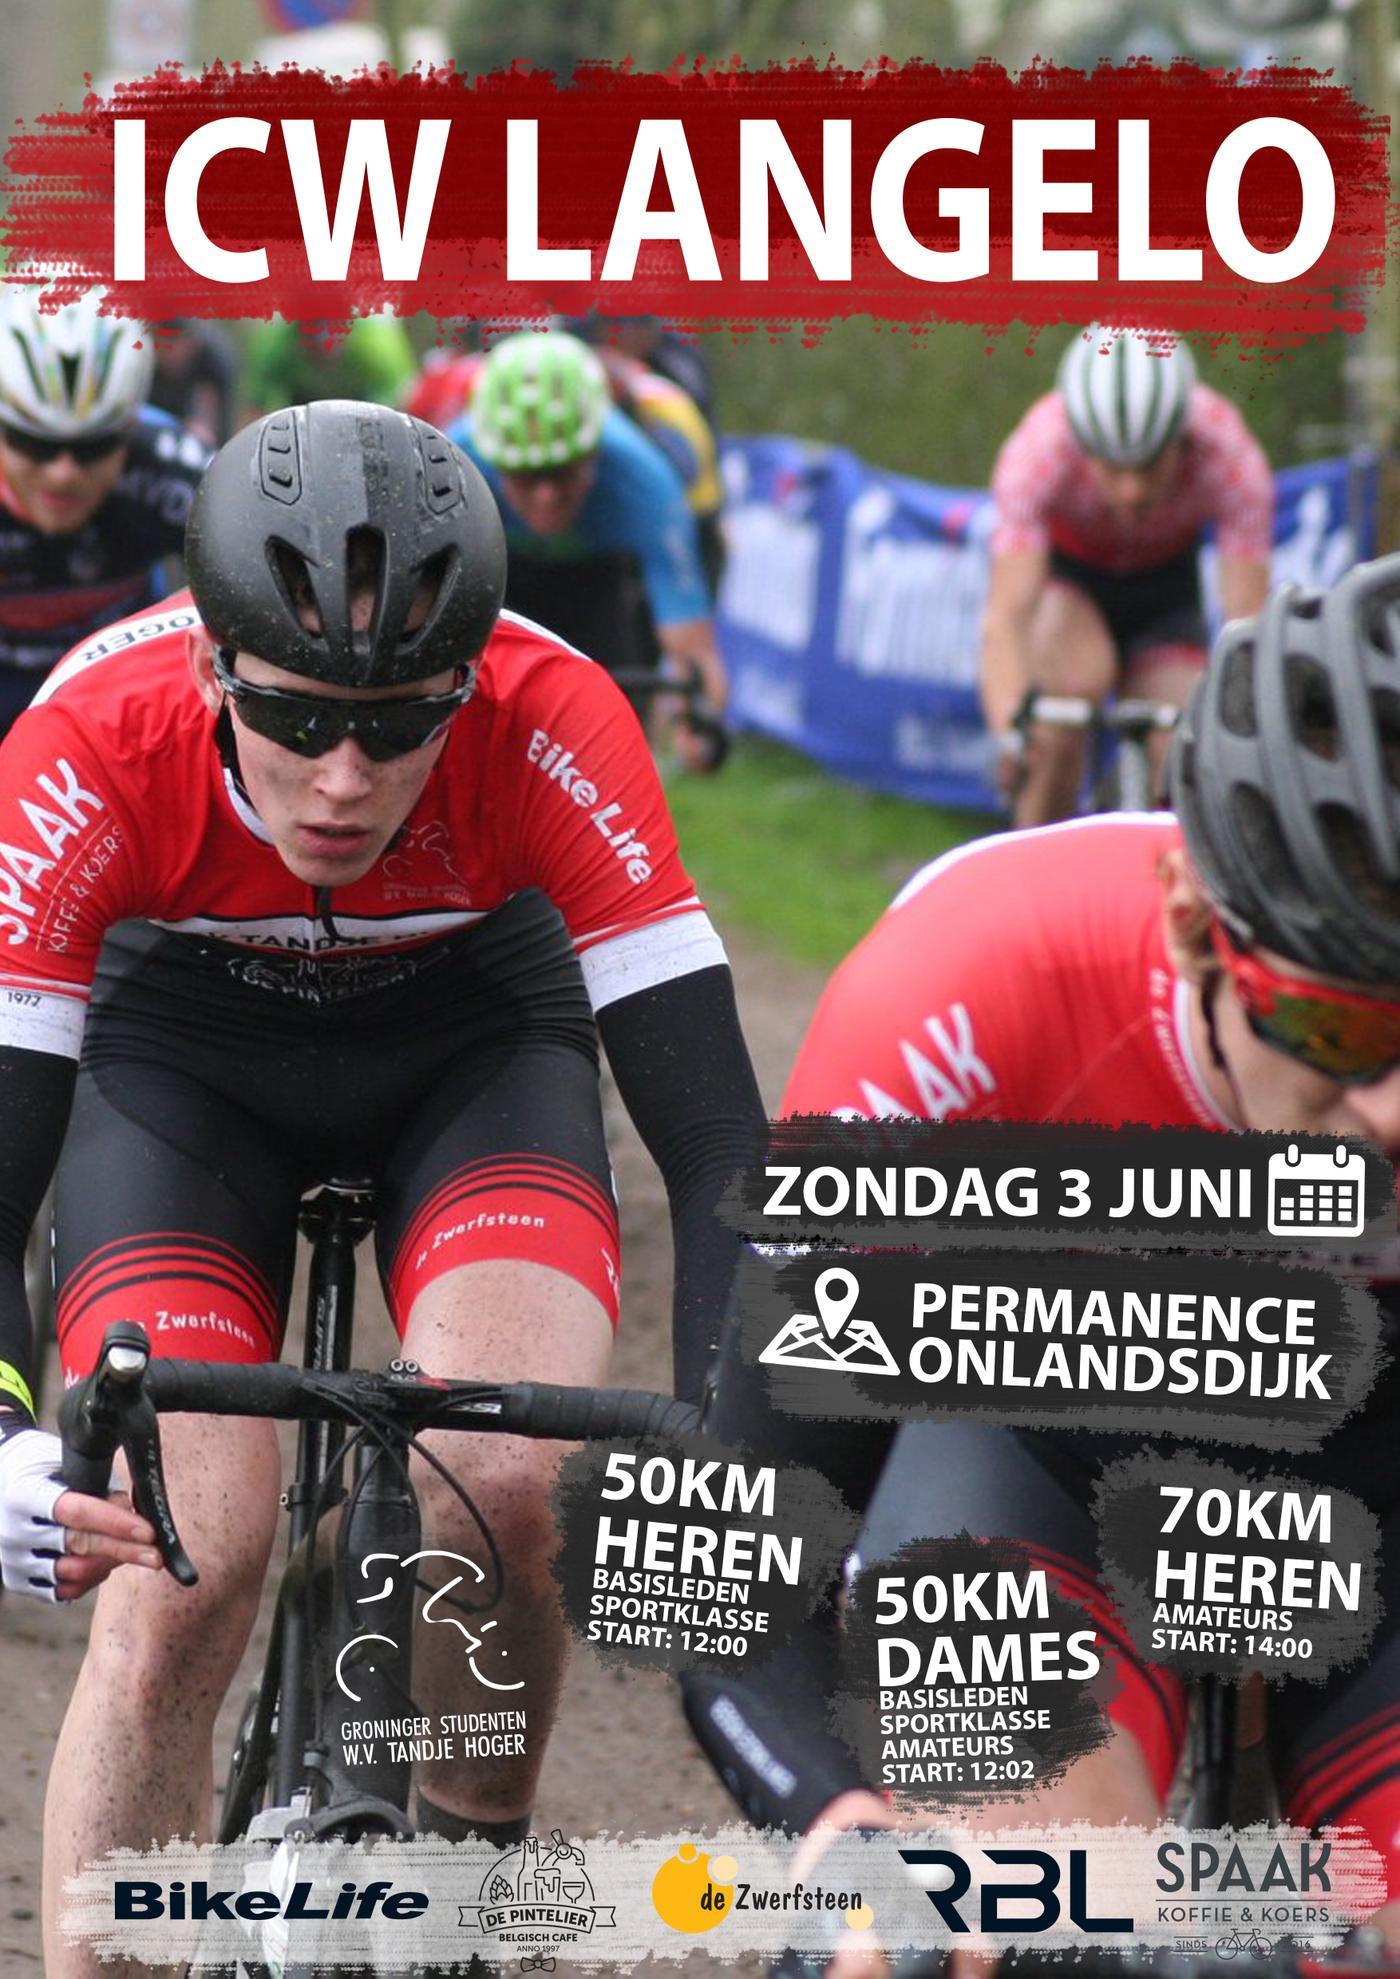 Poster_ICW_Langelo_Onlandsdijk_1.jpg